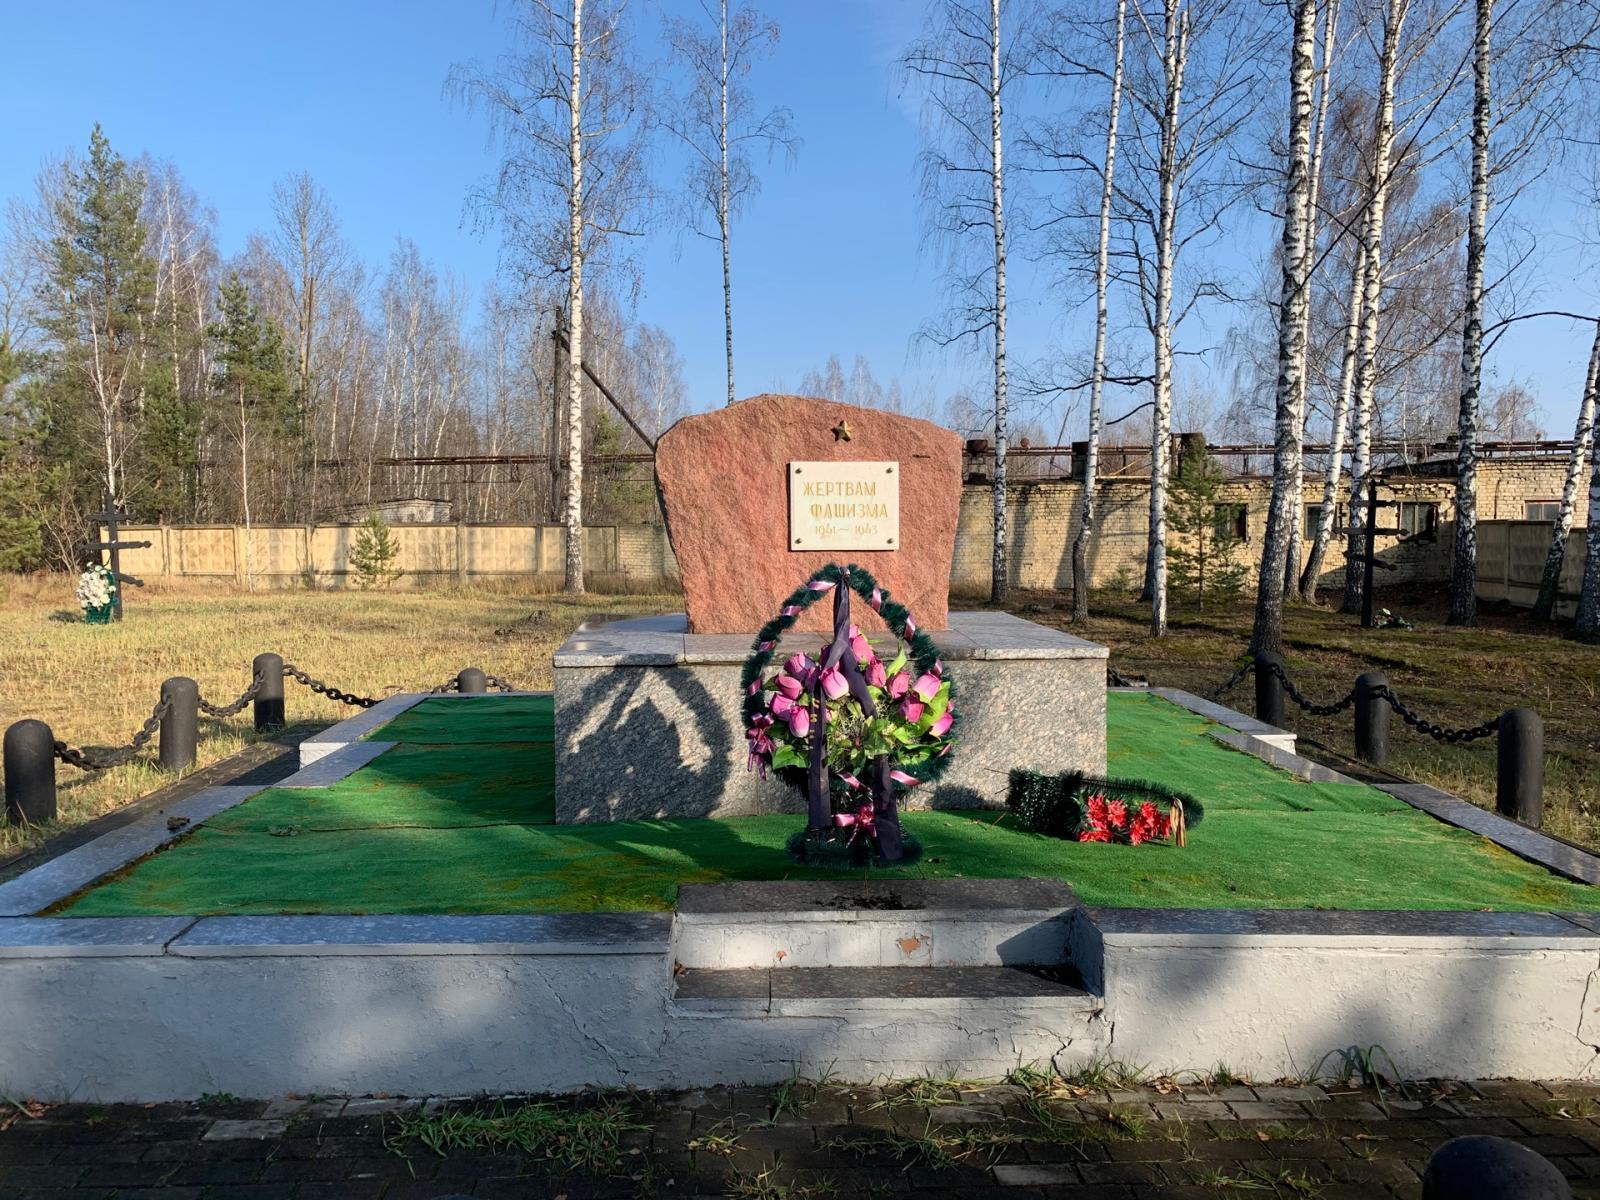 На канале Россия-24 рассказали об освобождении концлагеря «Дулаг-142» в Брянске